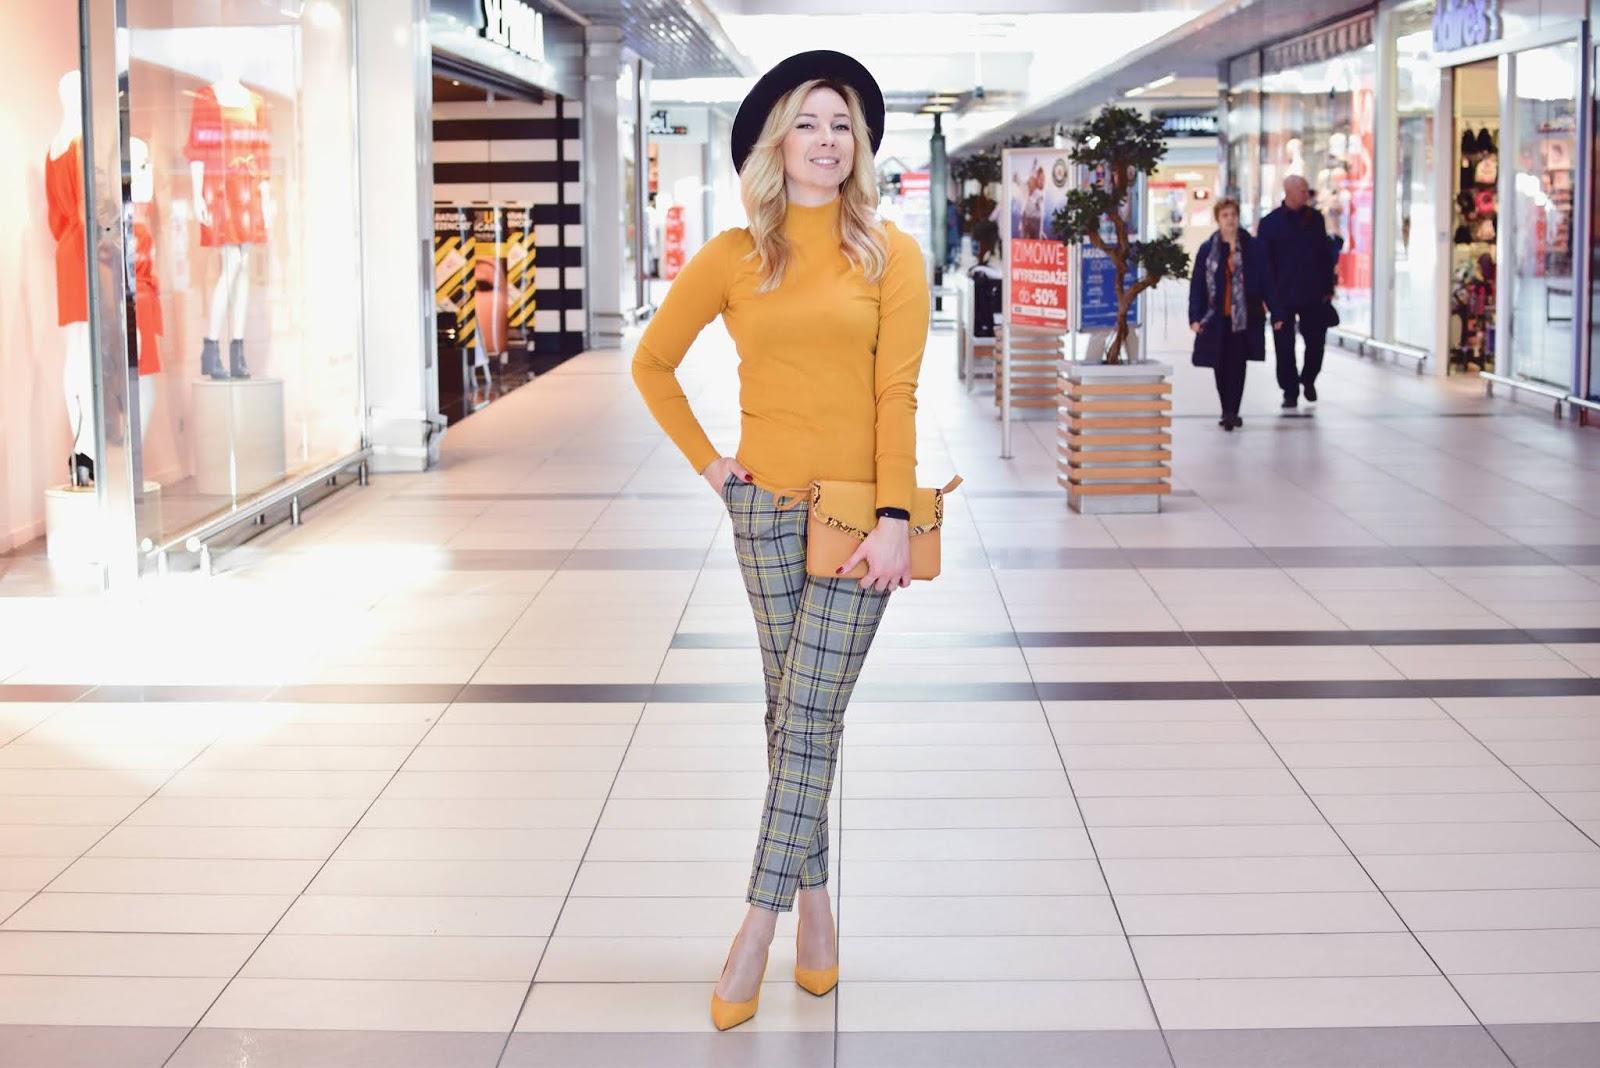 moda, jesień, stylizacja, spodnie, kapelusz, Auchan, płaszczyk, szpilki, Camaieu,